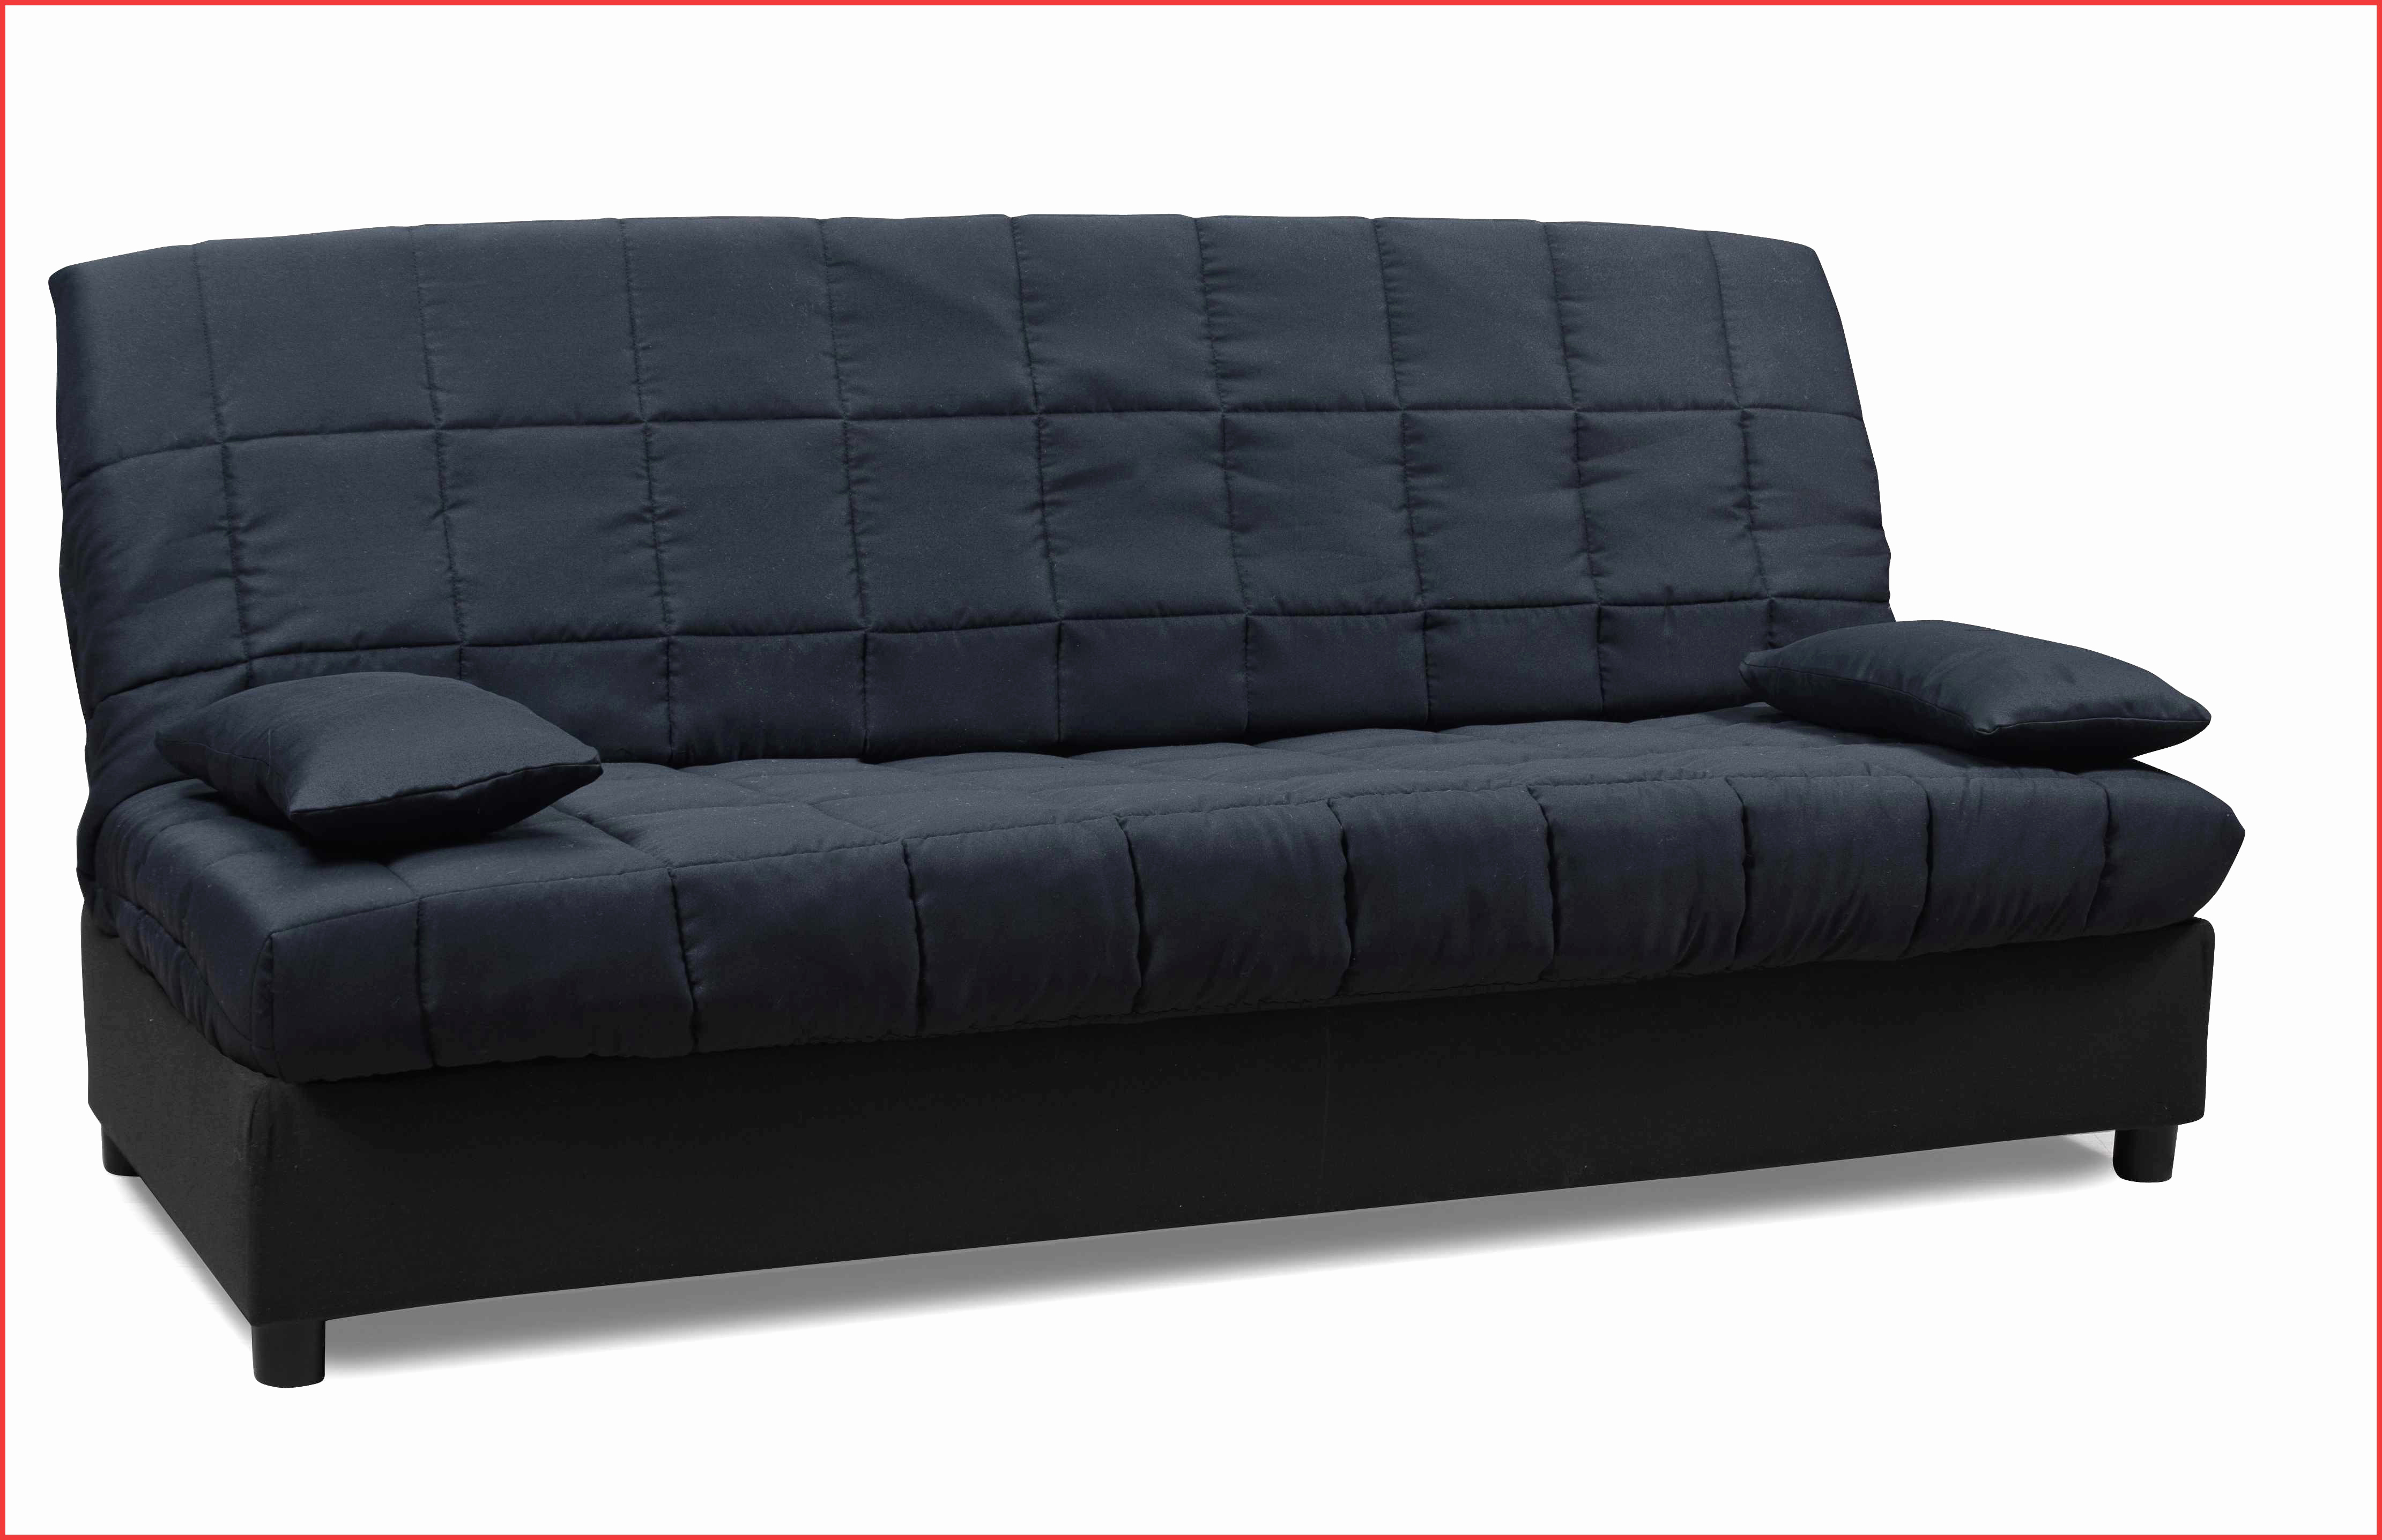 Bz Pas Cher Ikea Beau Collection Clic Clac Et Bz Pas Cher Radioconexionanimal